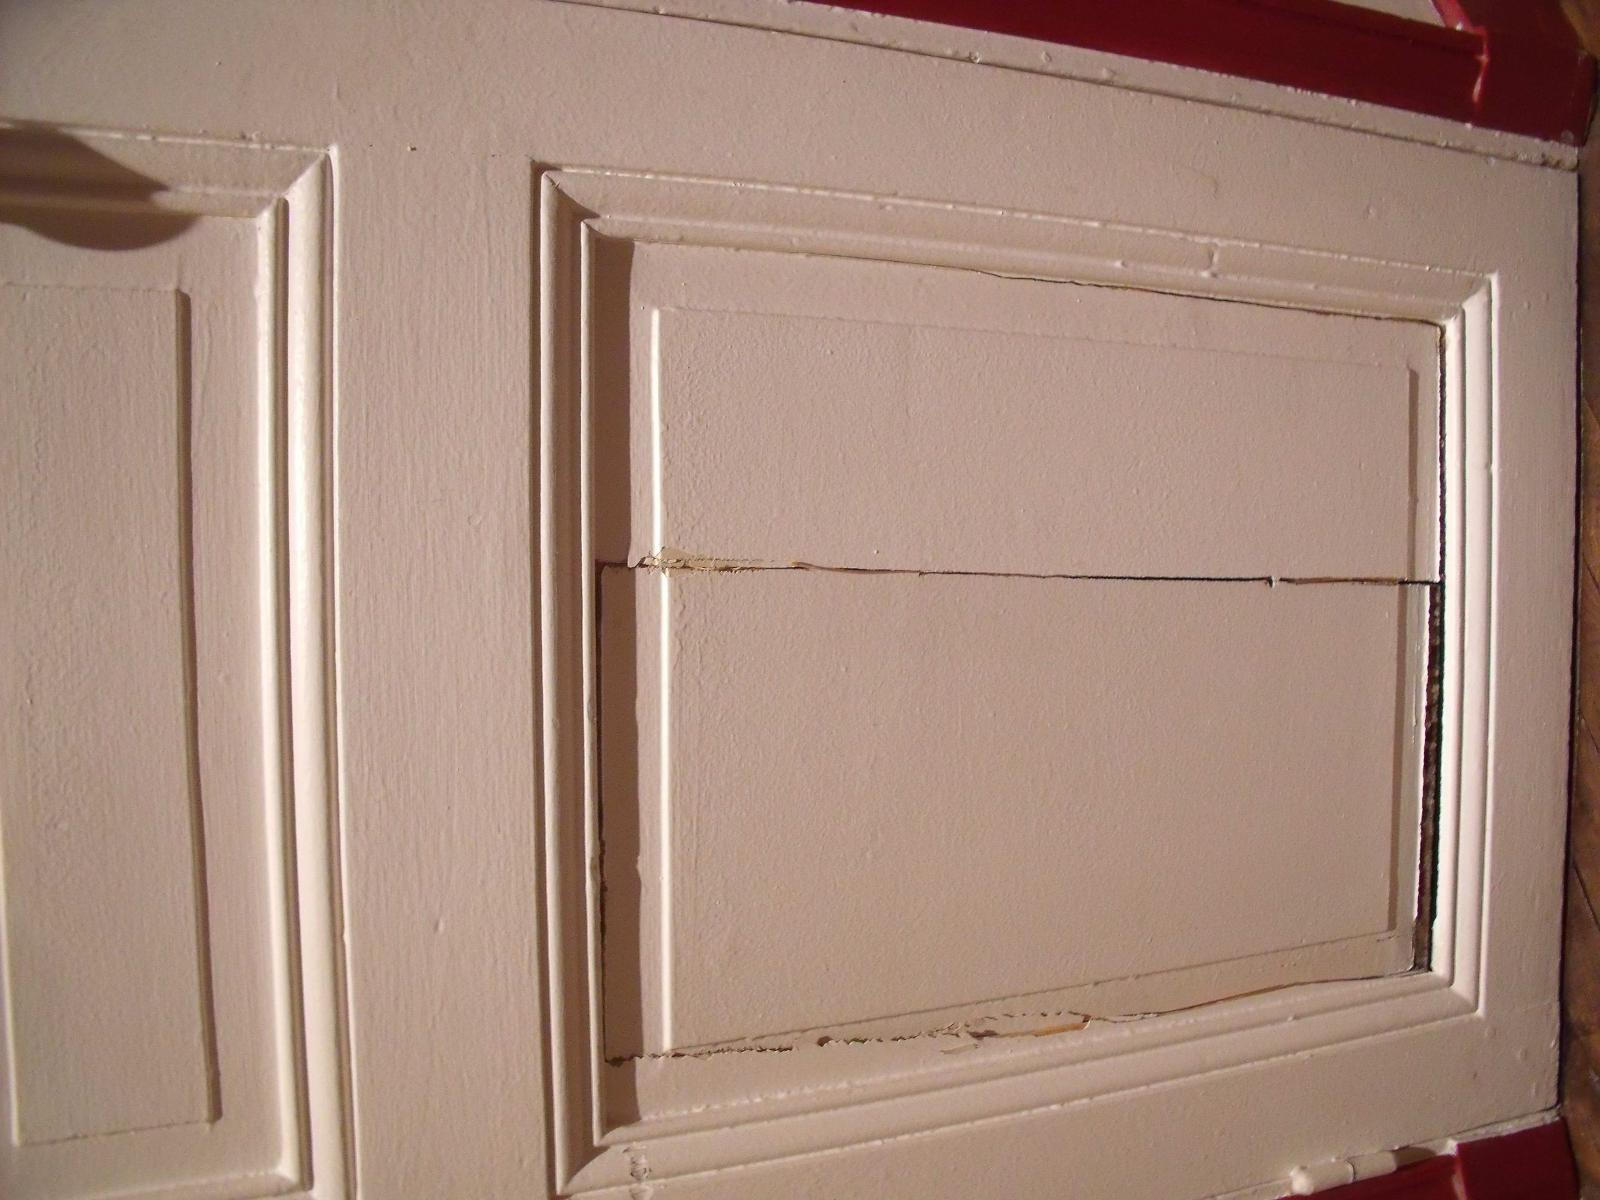 Réparer porte intérieure cassée # Réparer Une Porte En Bois